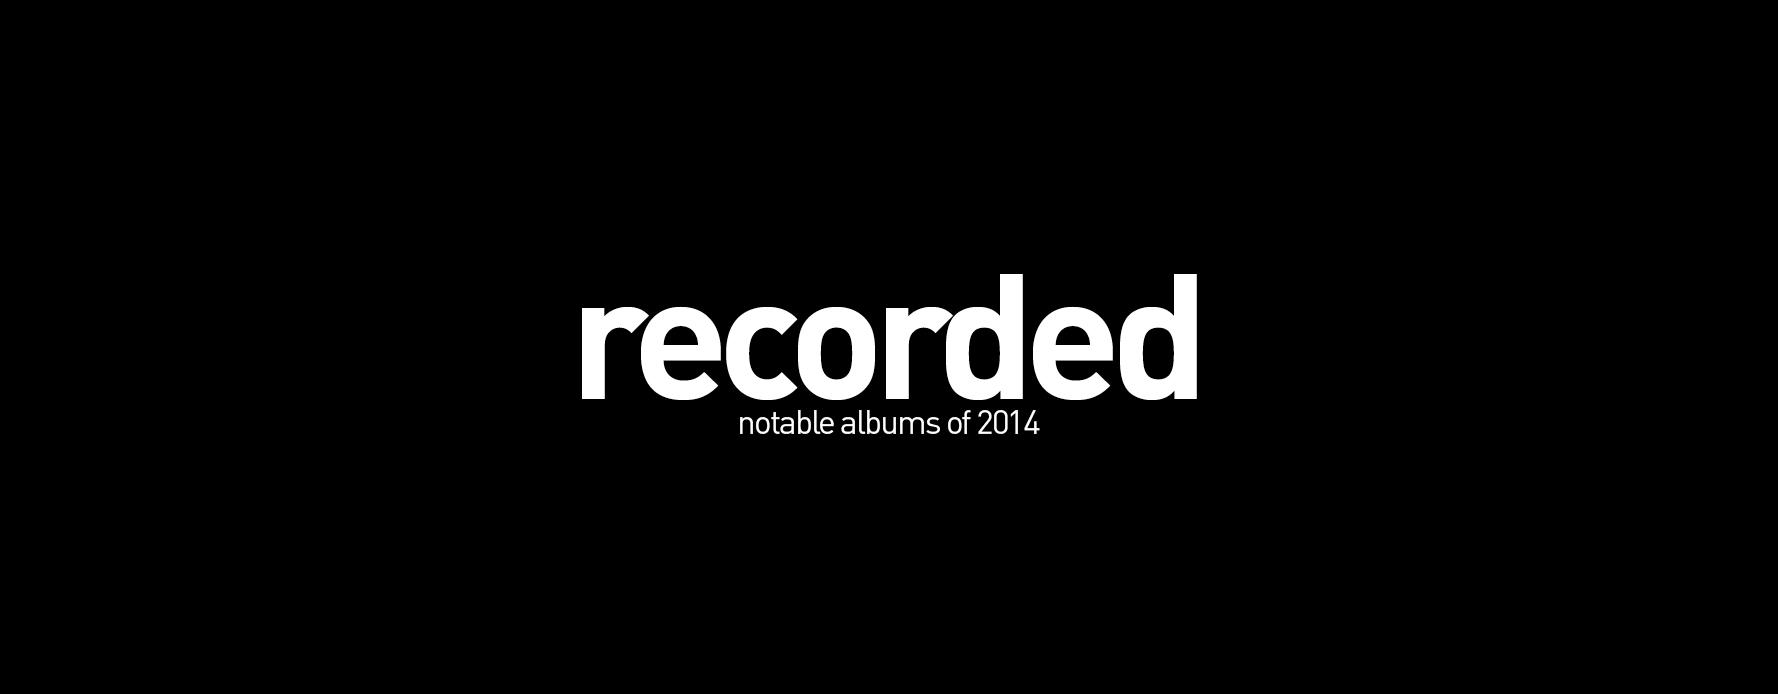 source: Best of 2014